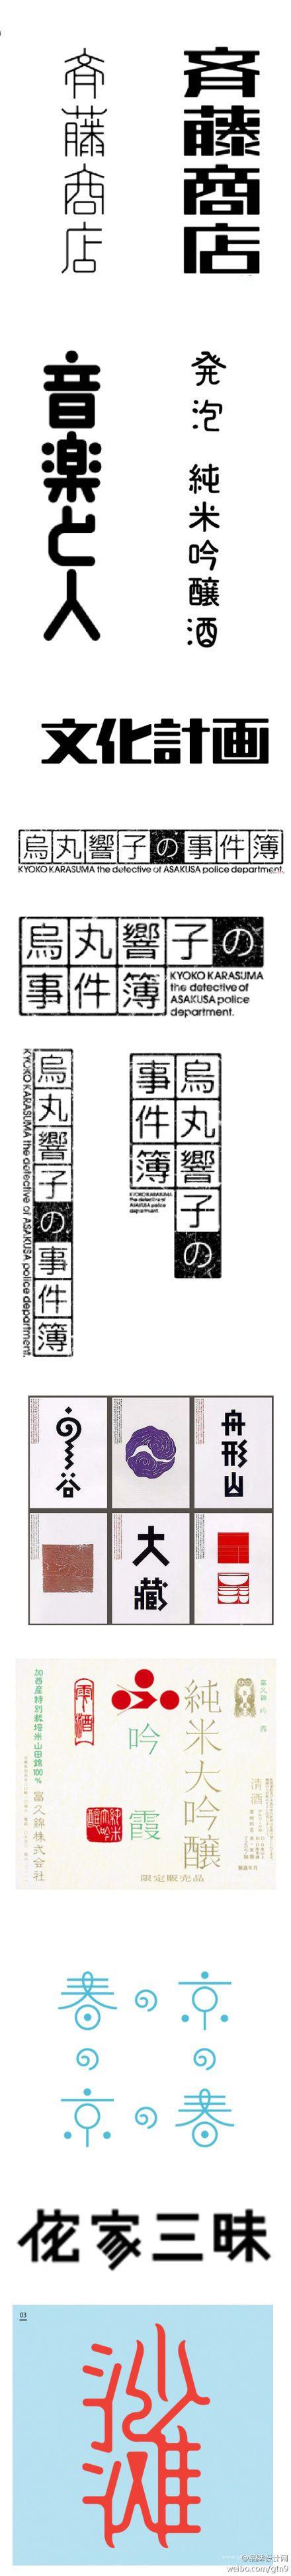 kanji / chinese types